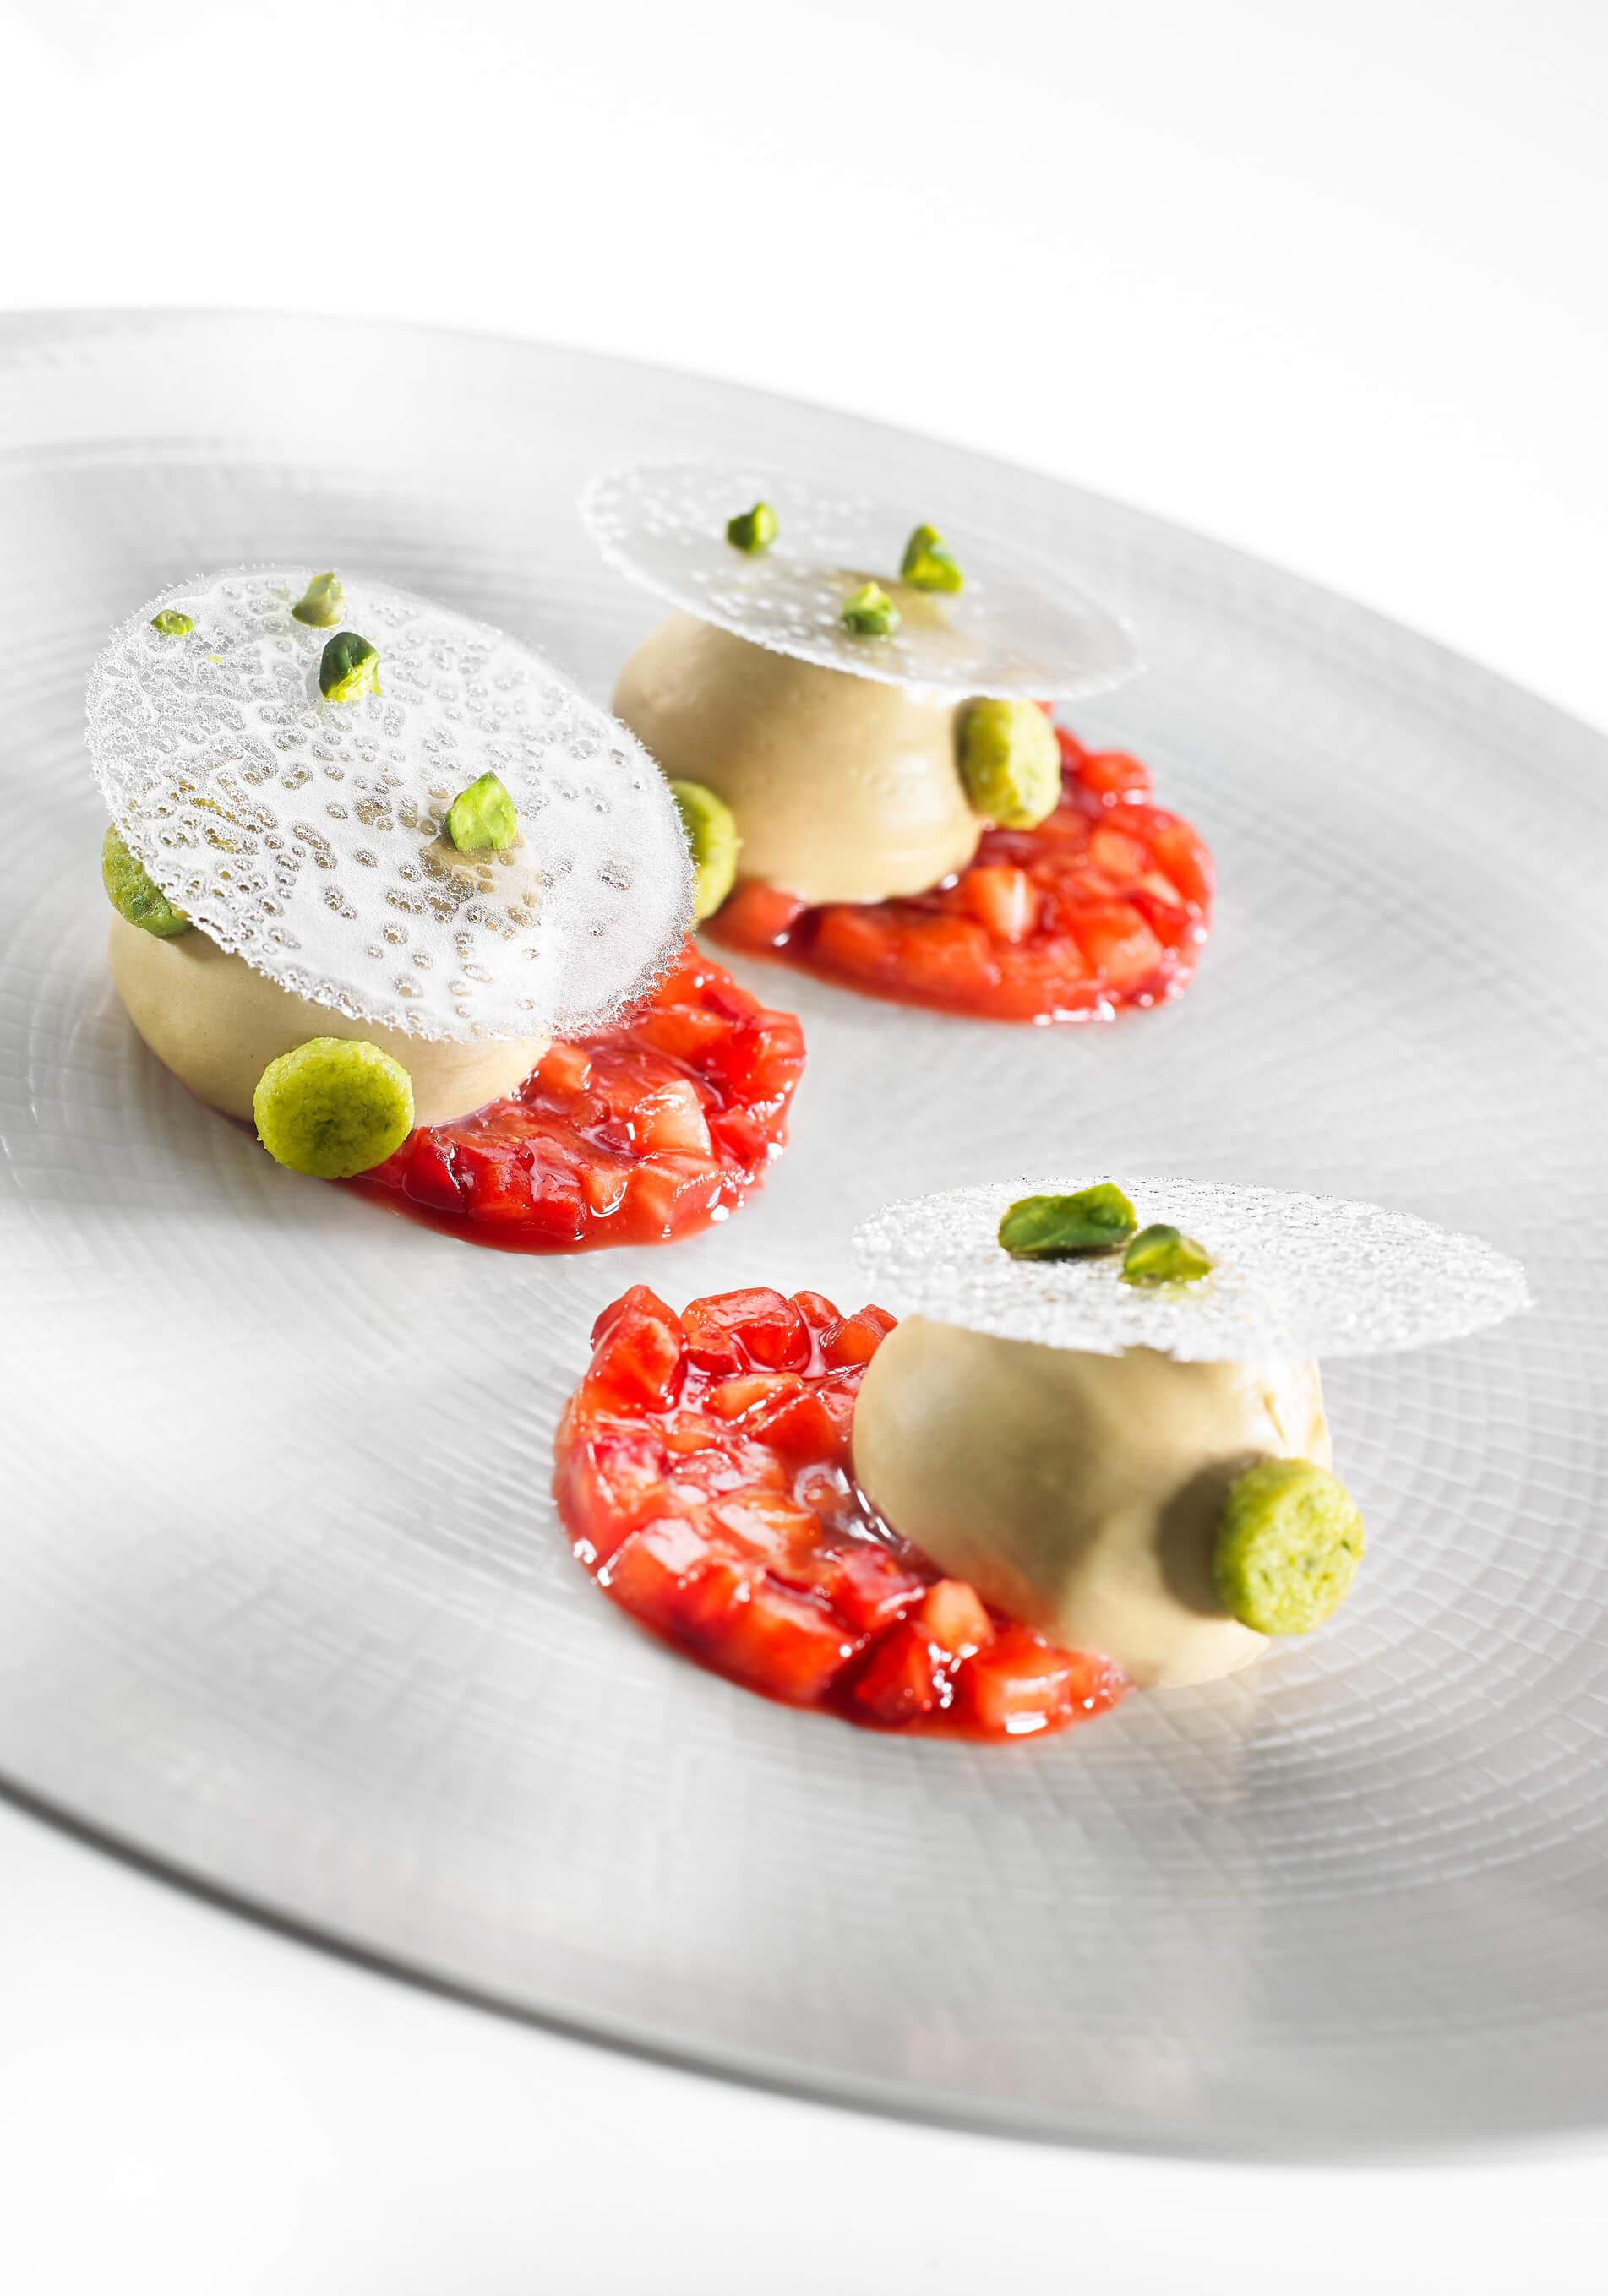 Pistachio Praliné Dessert Post